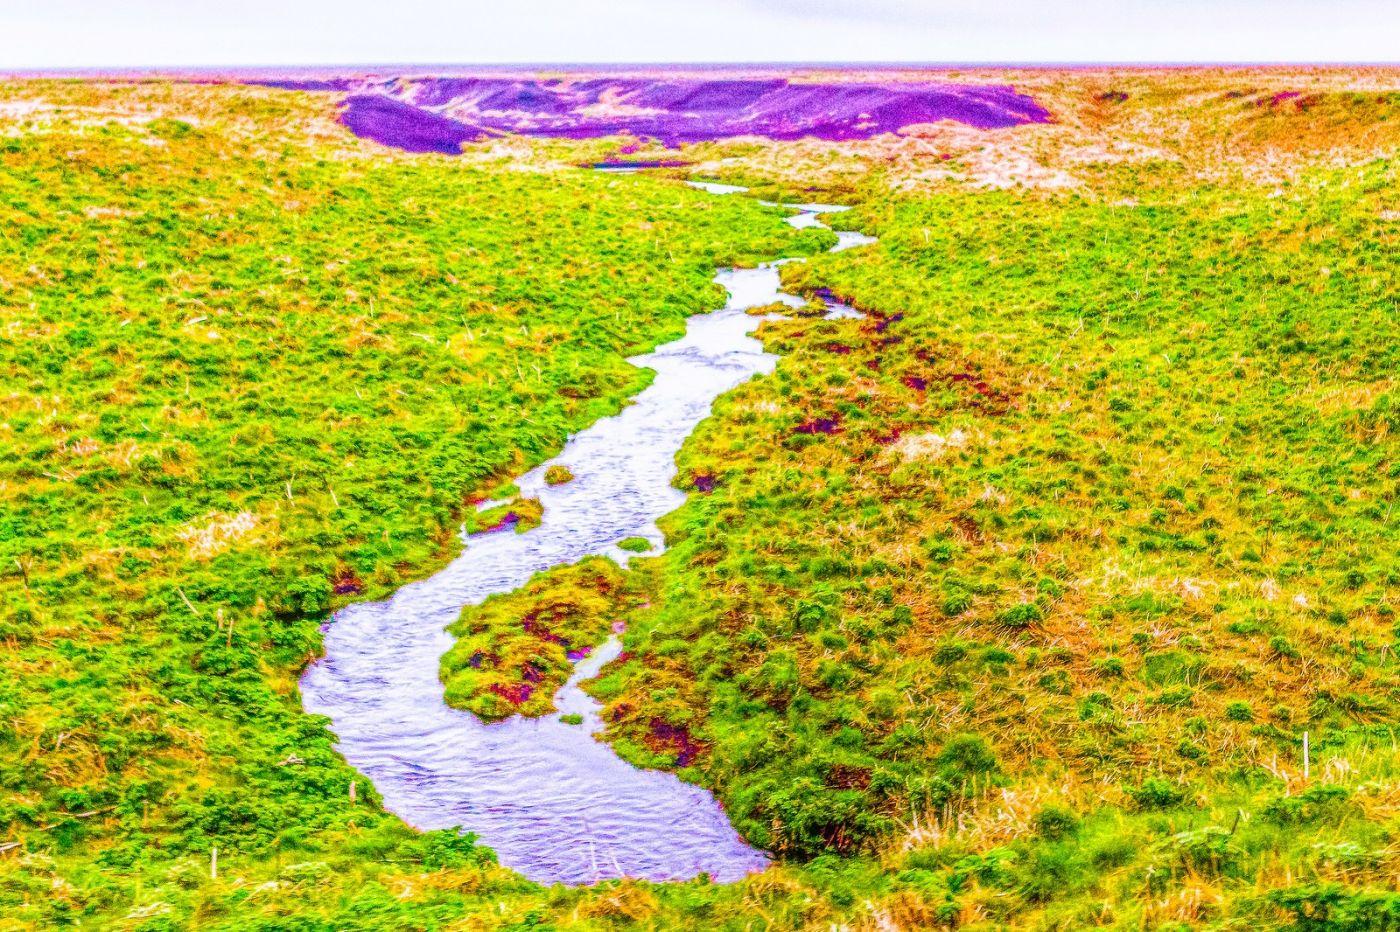 冰岛风采,延伸视野_图1-26